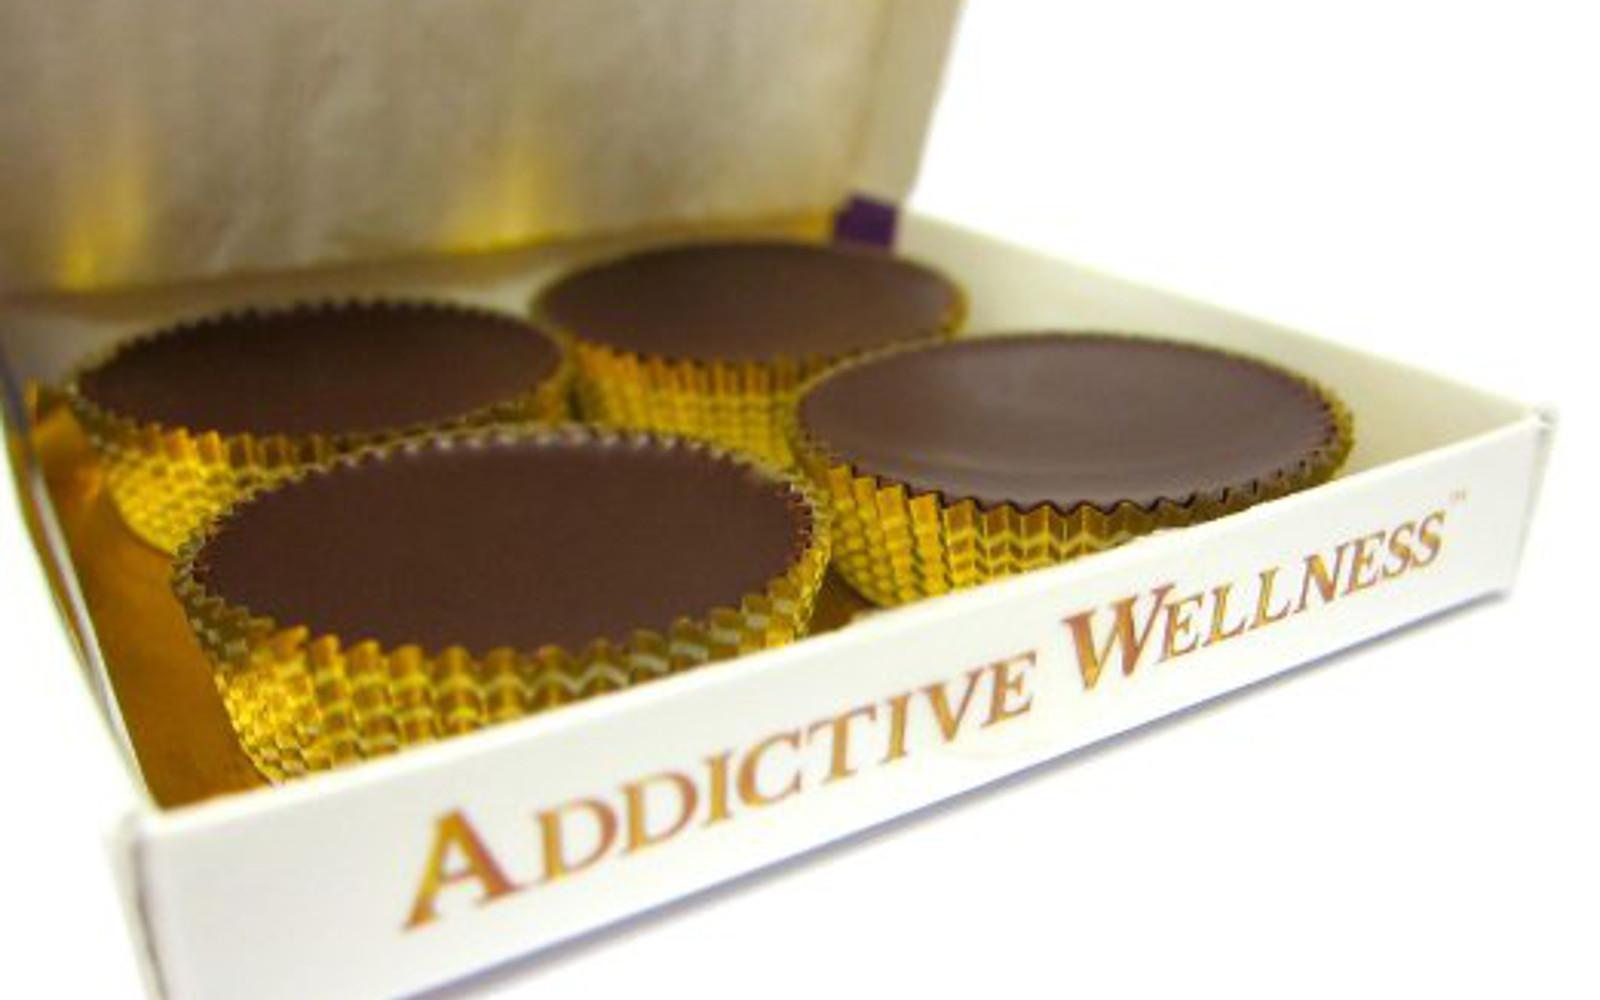 Chocolate Addictive Wellness